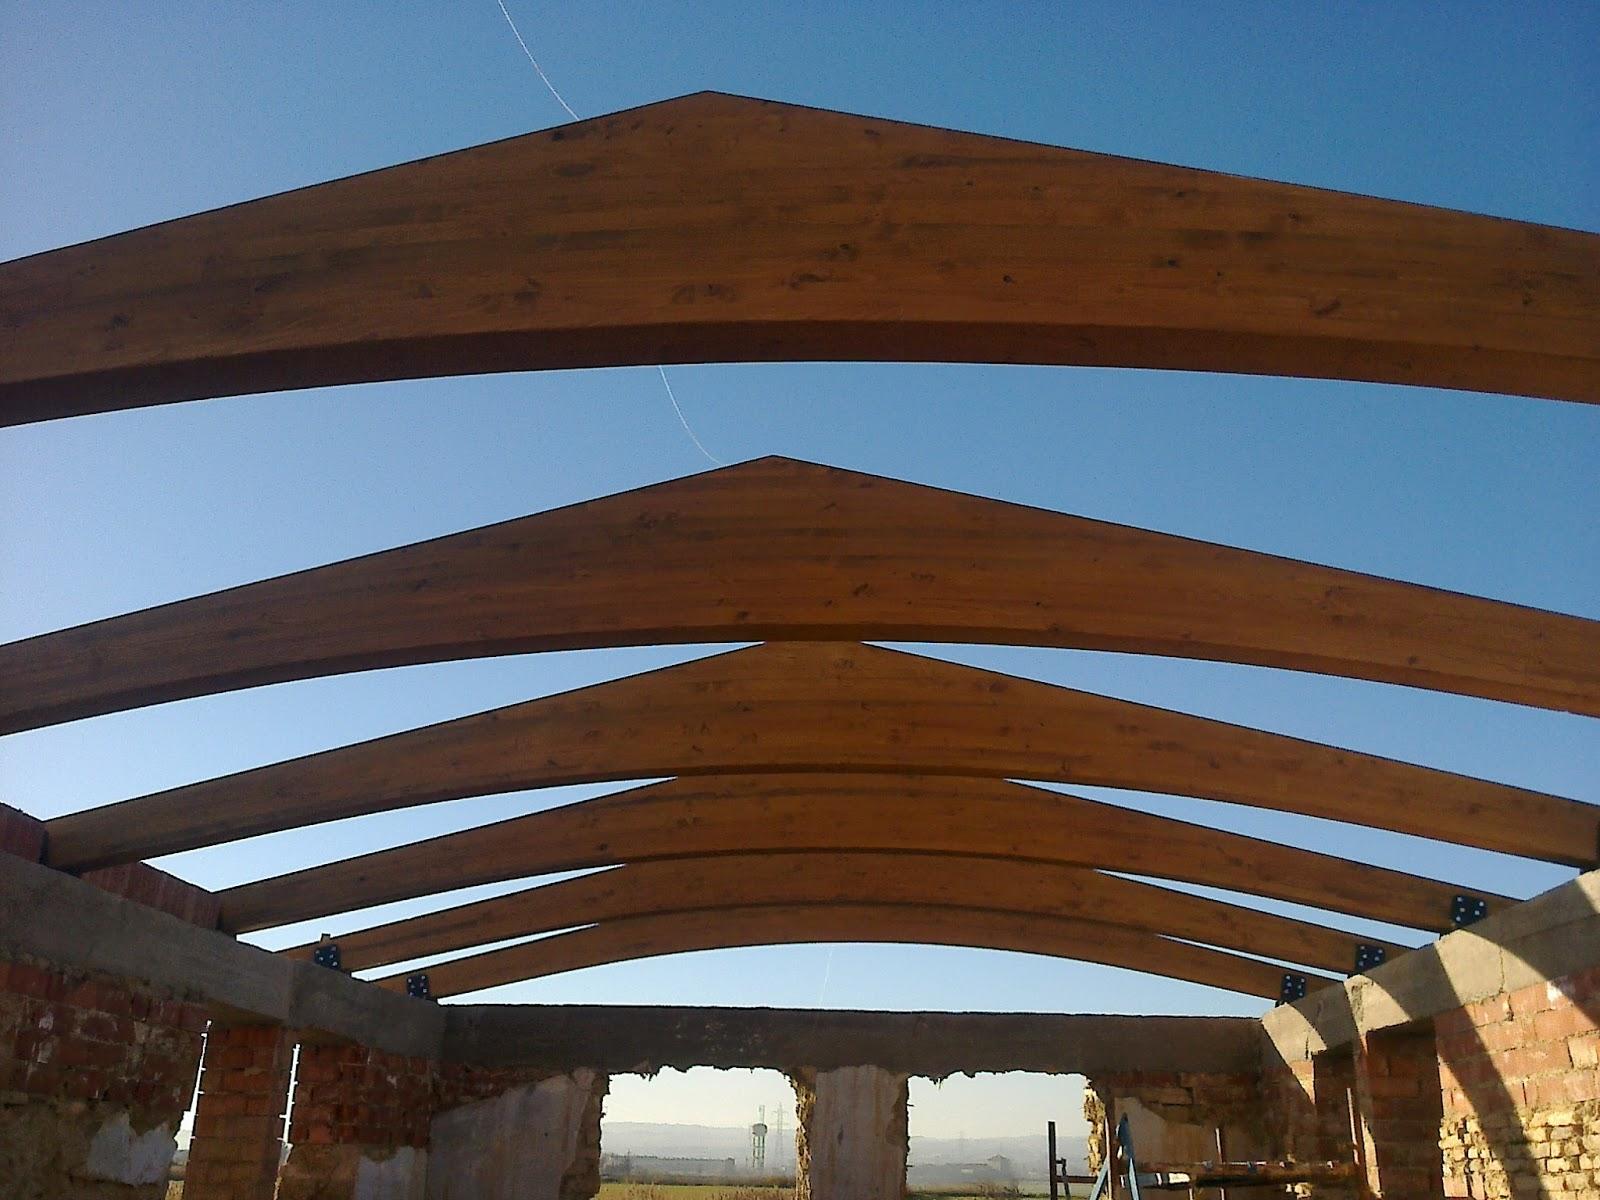 Estructuras de madera cutecma techos de madera y corcho una soluci n sostenible - Estructuras de madera para techos ...